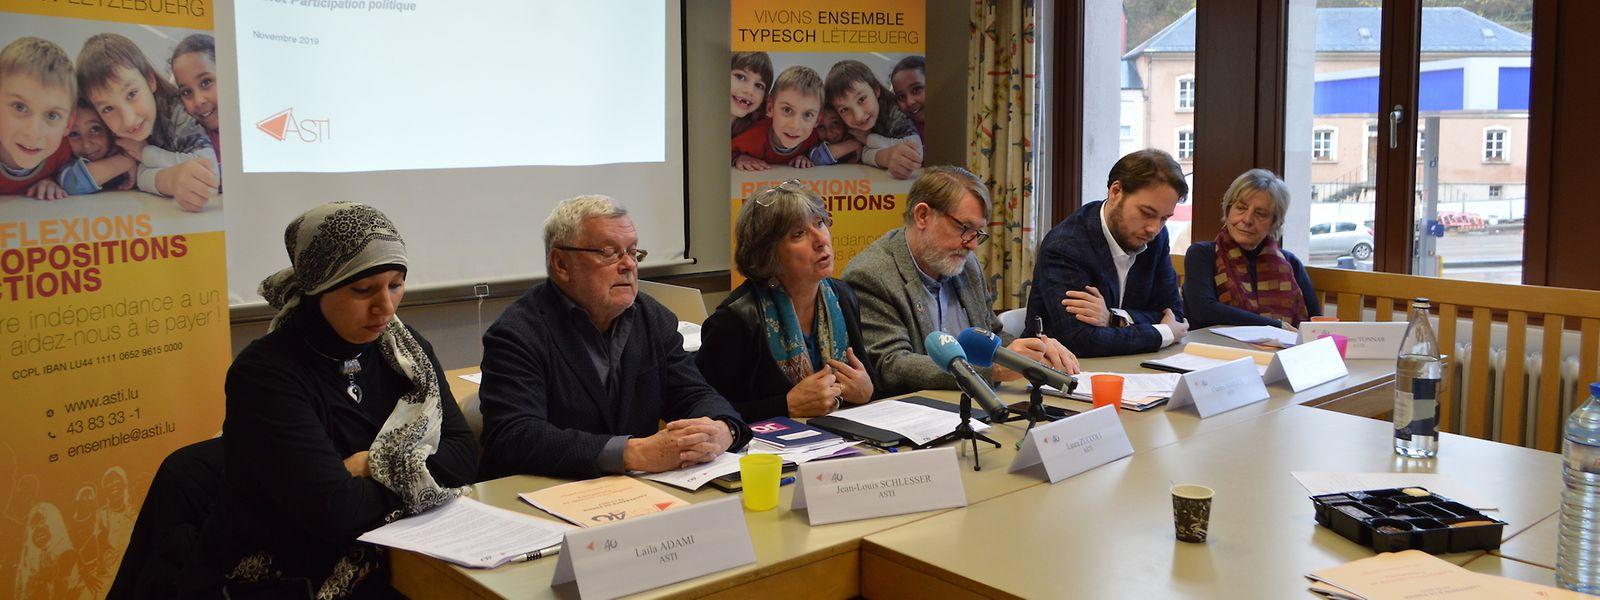 L'Asti a présenté ce jeudi les résultats du volet «Participation politique et nationalité» de son sondage sur le «Vivre-ensemble au Luxembourg». D'autres communications suivront en 2020.